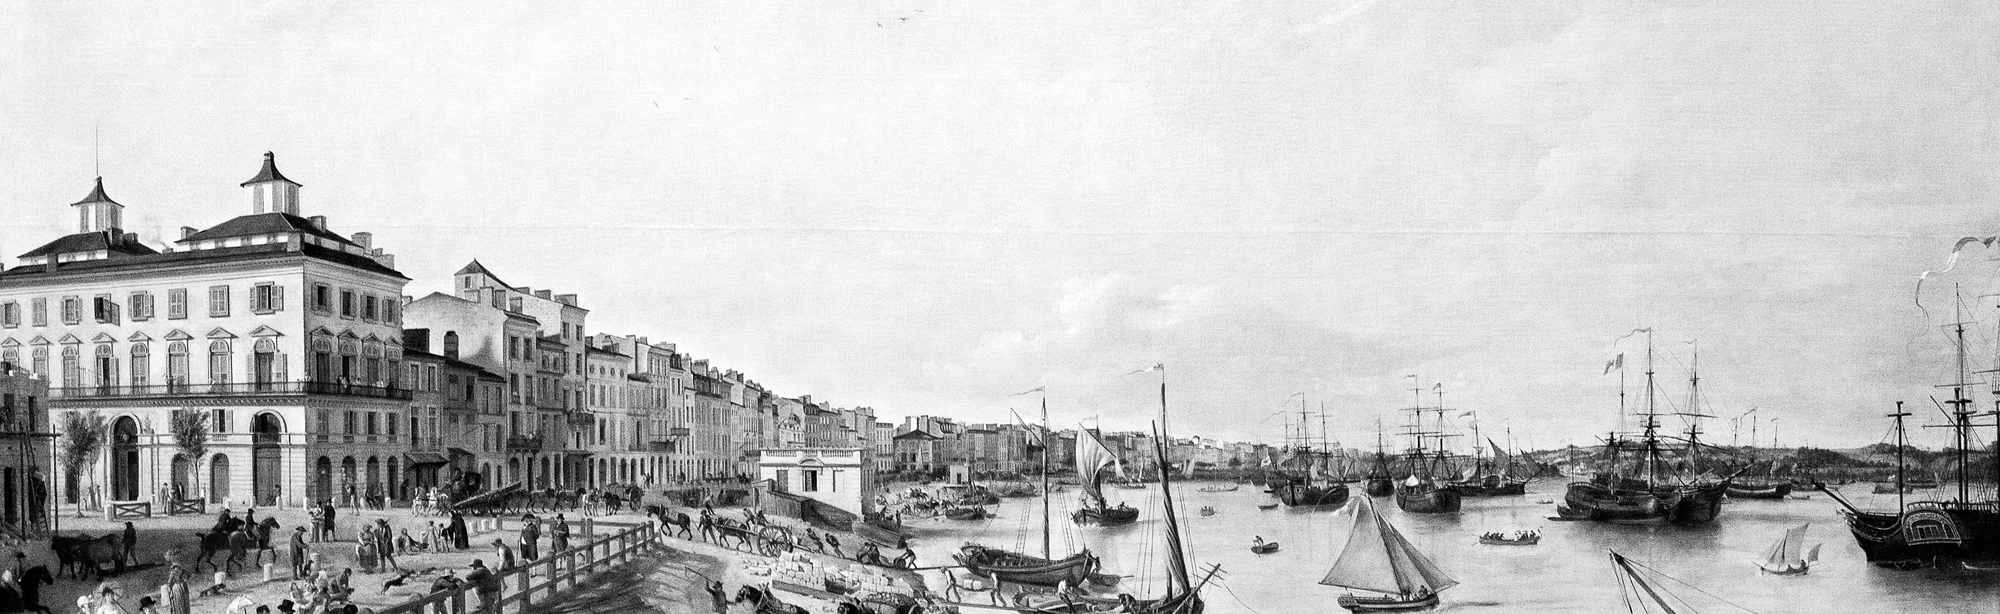 2. Une cité portuaire